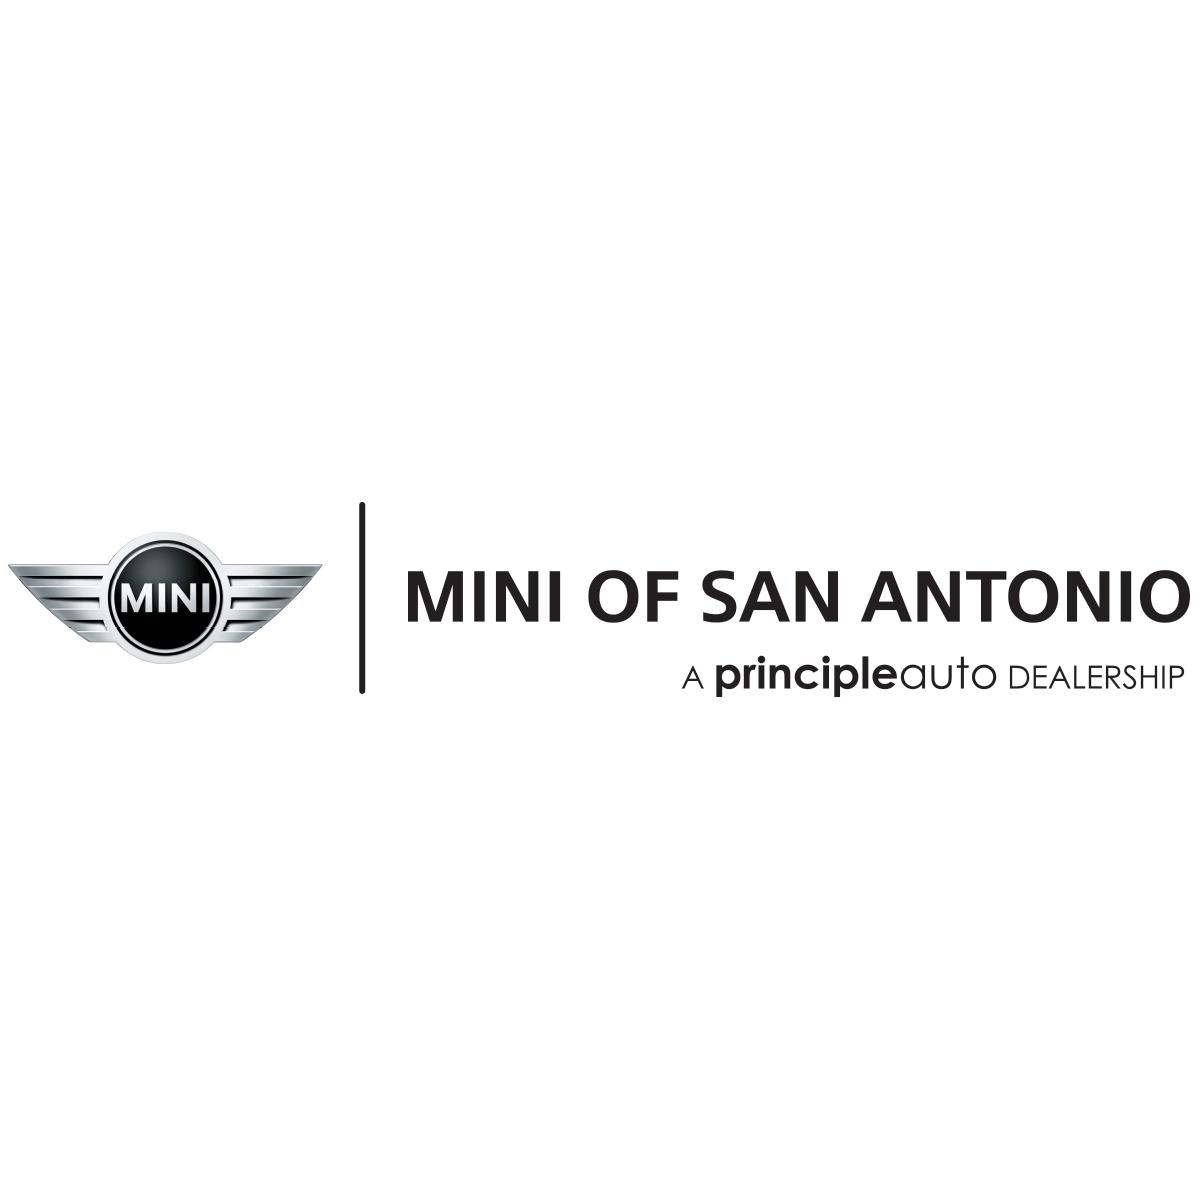 Mini of San Antonio